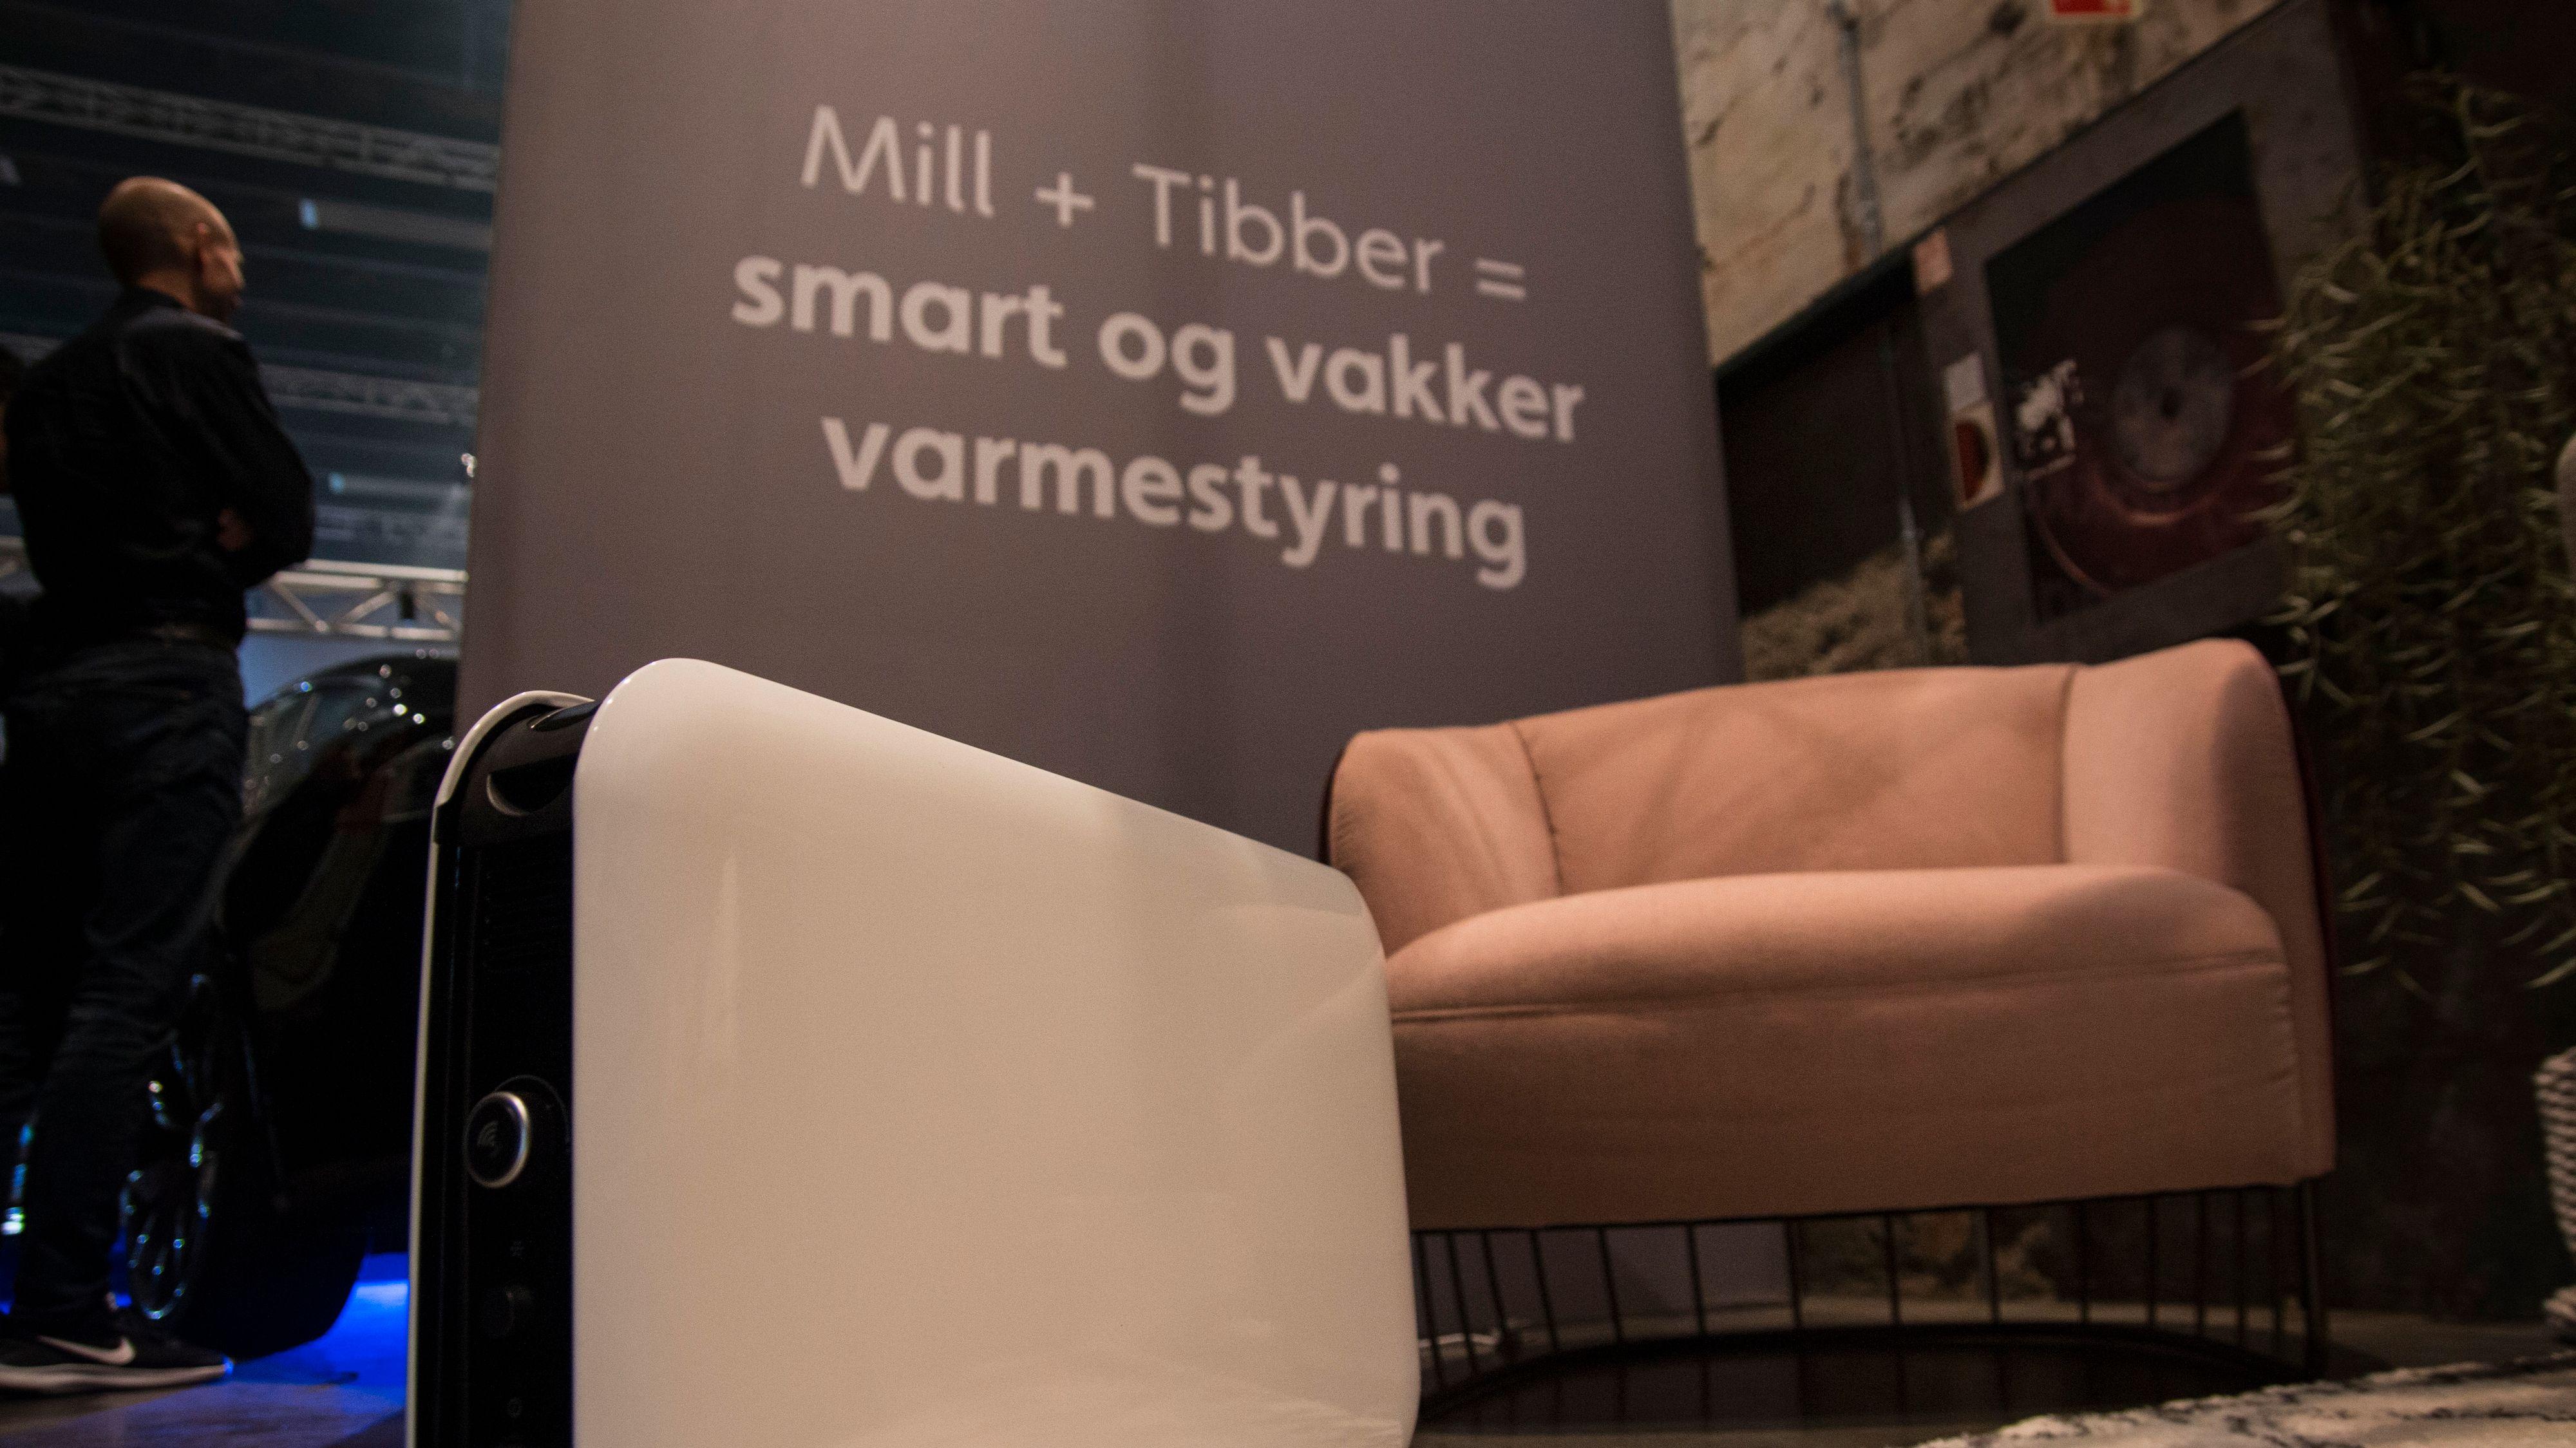 Med kompatible Mill-ovner skal Tibber kunne ta over hele styringen av oppvarmingen i boligen. Det skal gjøre det billigere for deg.